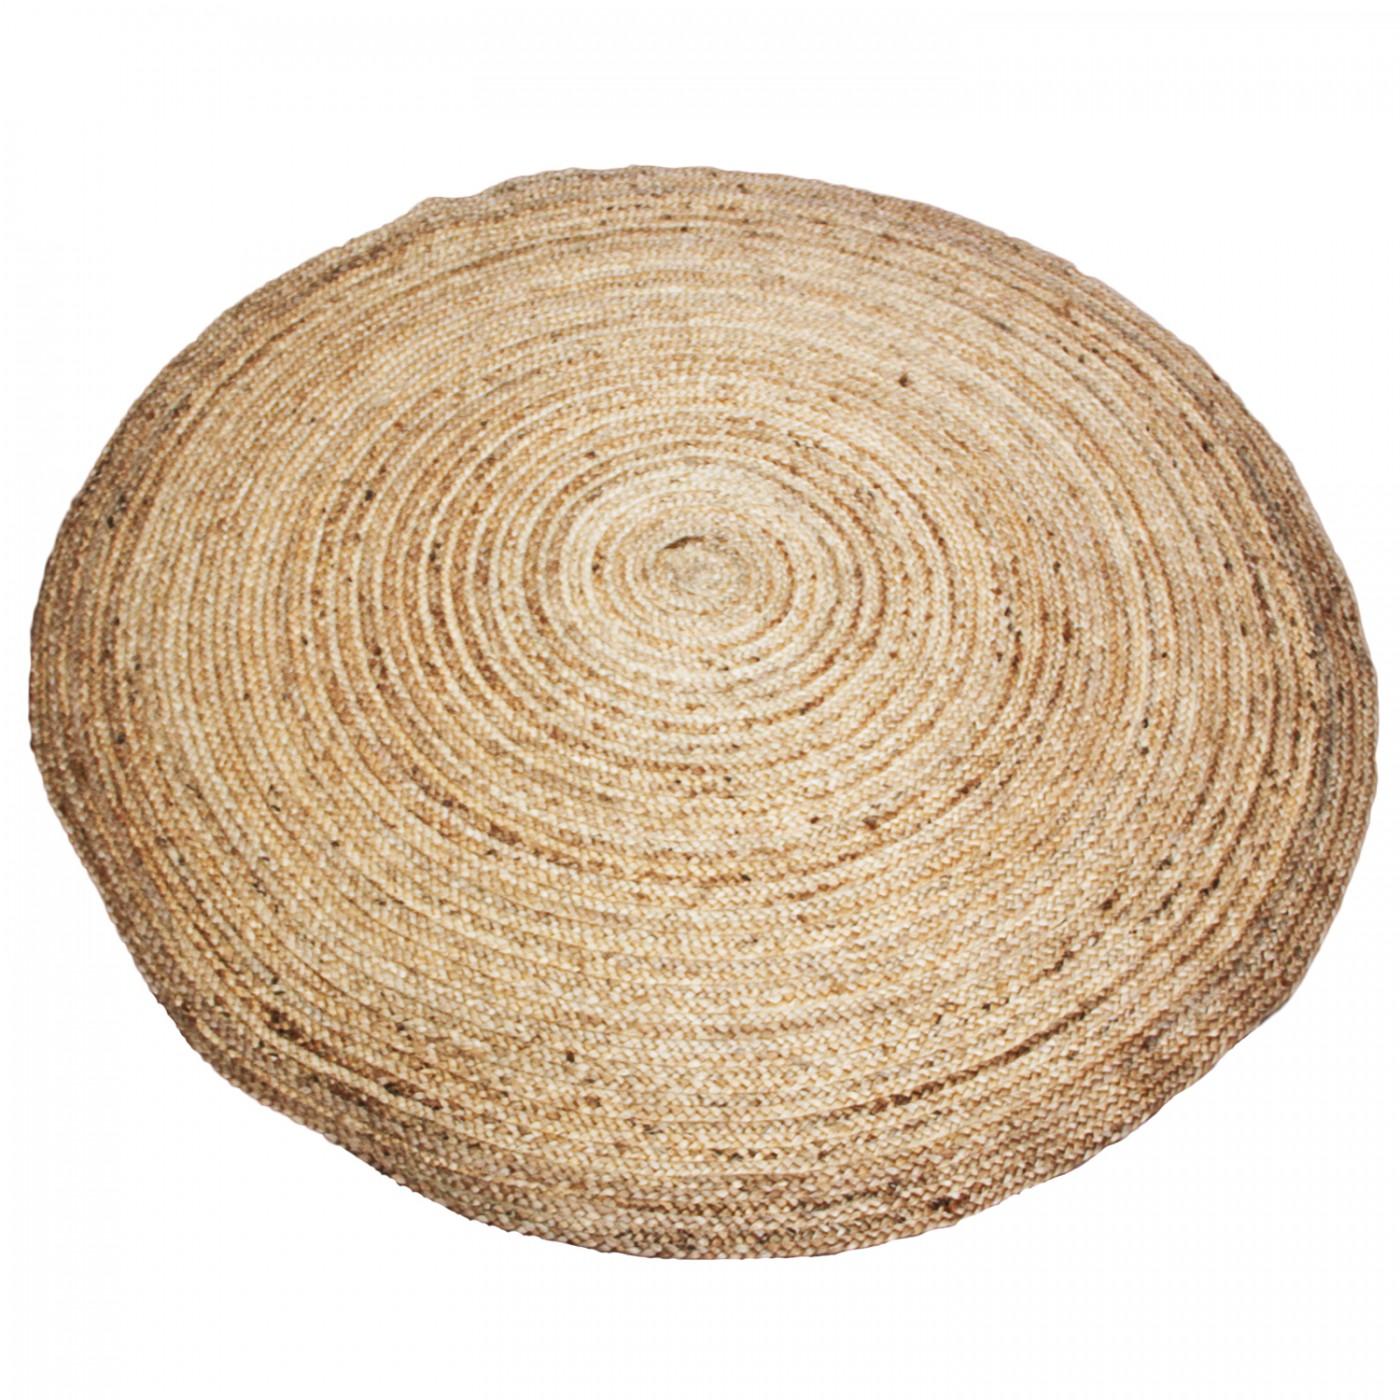 Dywan z juty jutowy okrągły duży